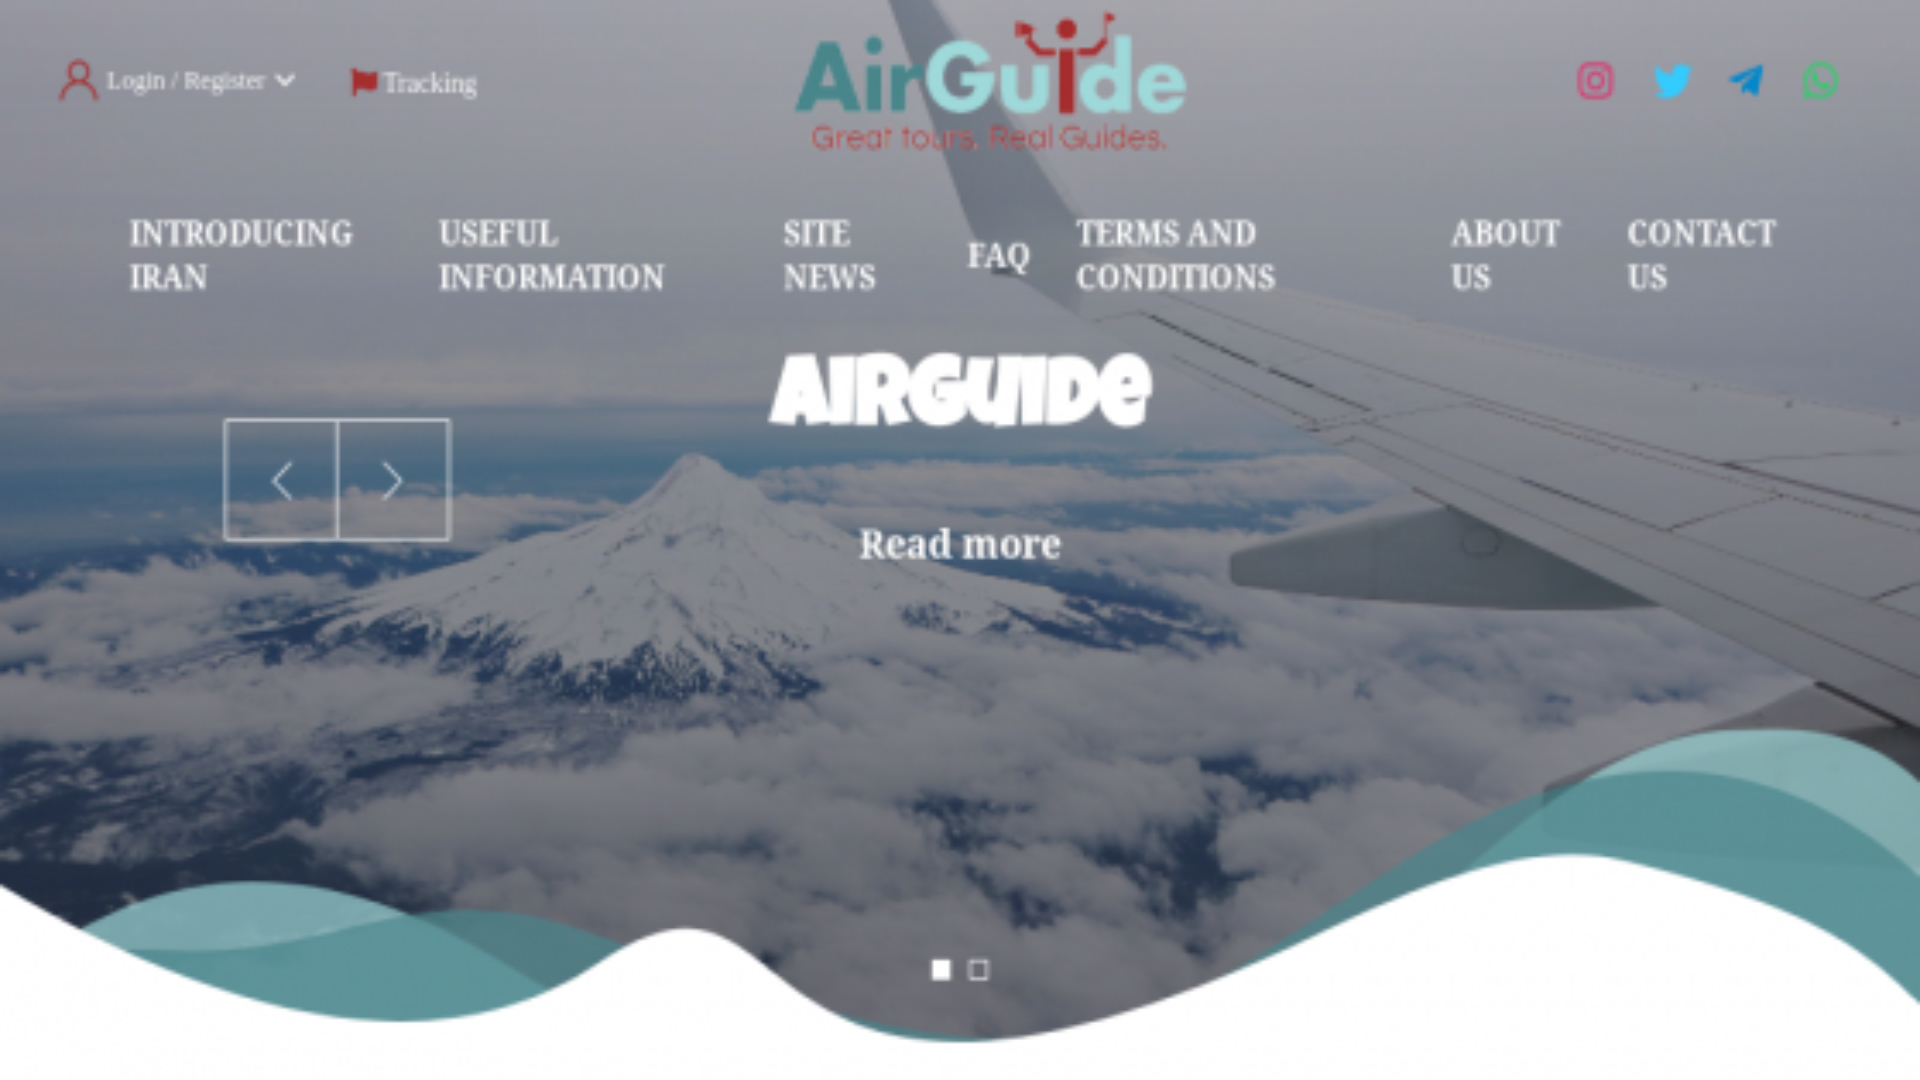 طراحی سیستم - طراحی سایت شرکت air giude